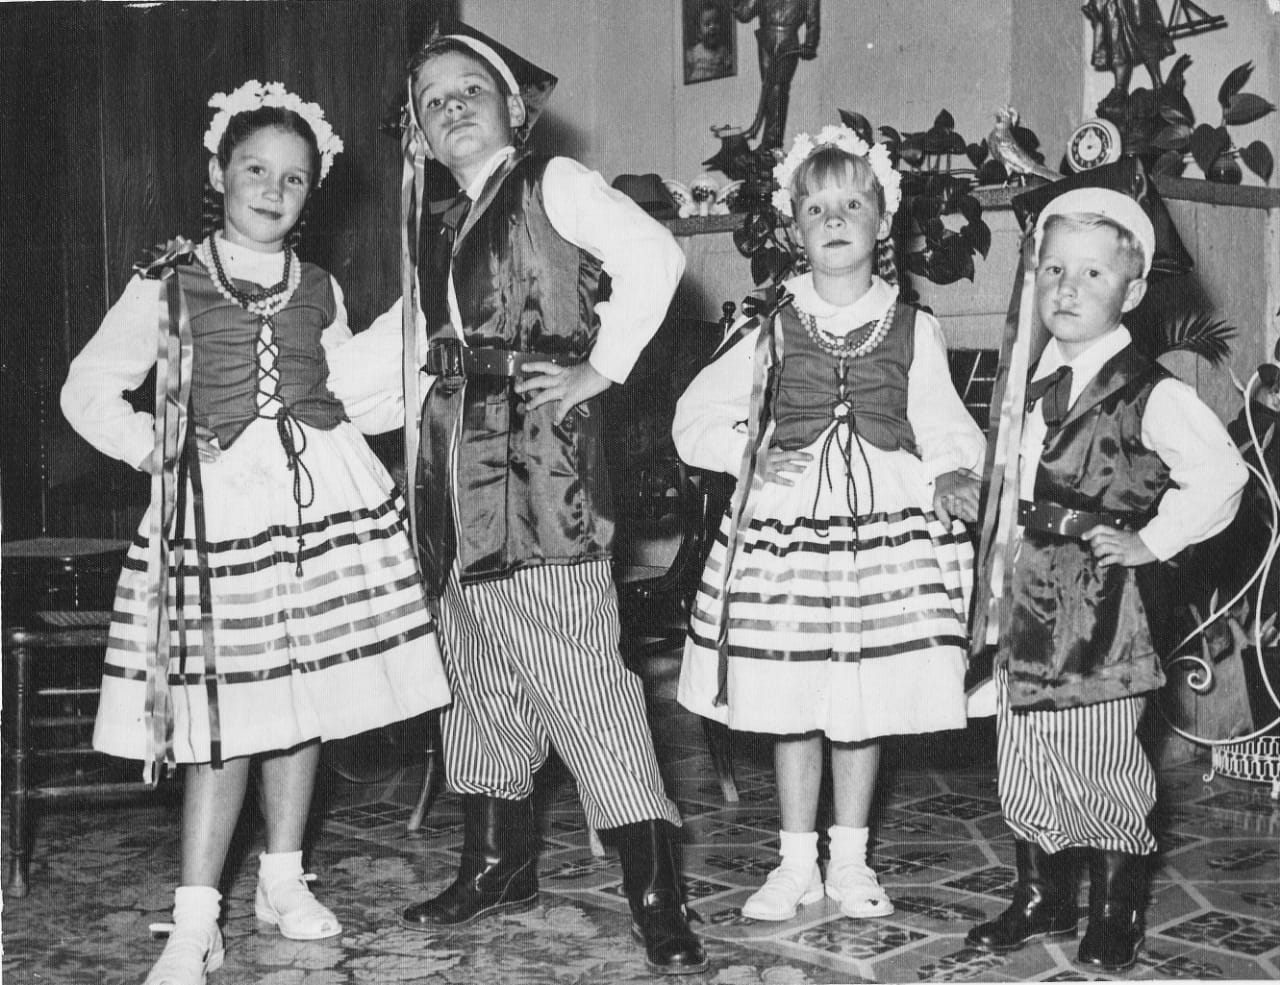 Los hijos de Władysław Rattinger practicando un baile regional polaco. Foto: Andrzej Rattinger/Cortesía.